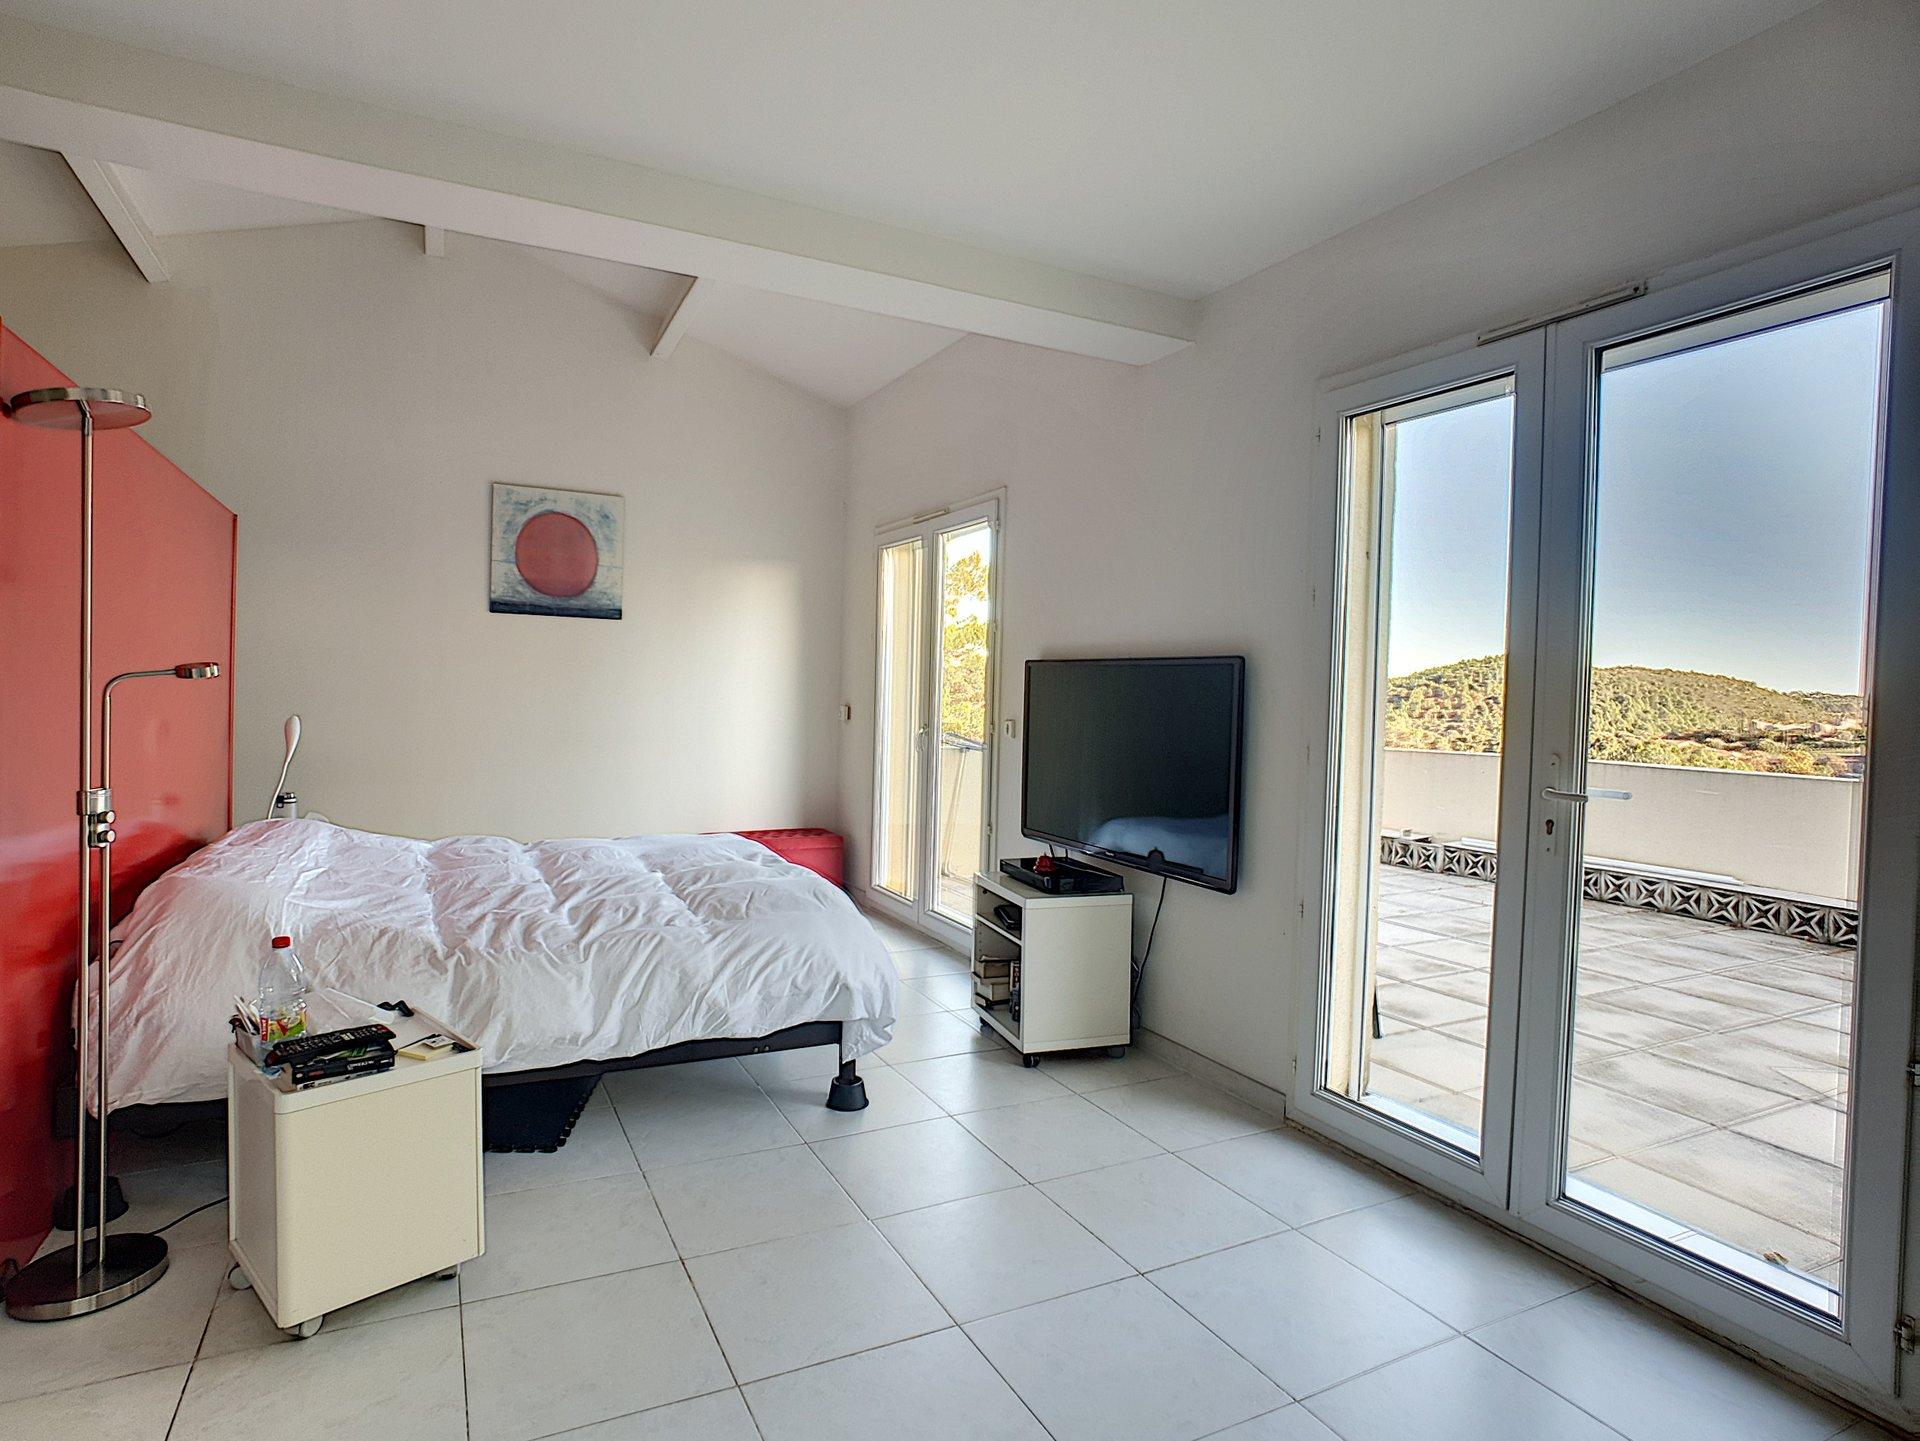 Achat/vente villa contemporaine à Le Tignet